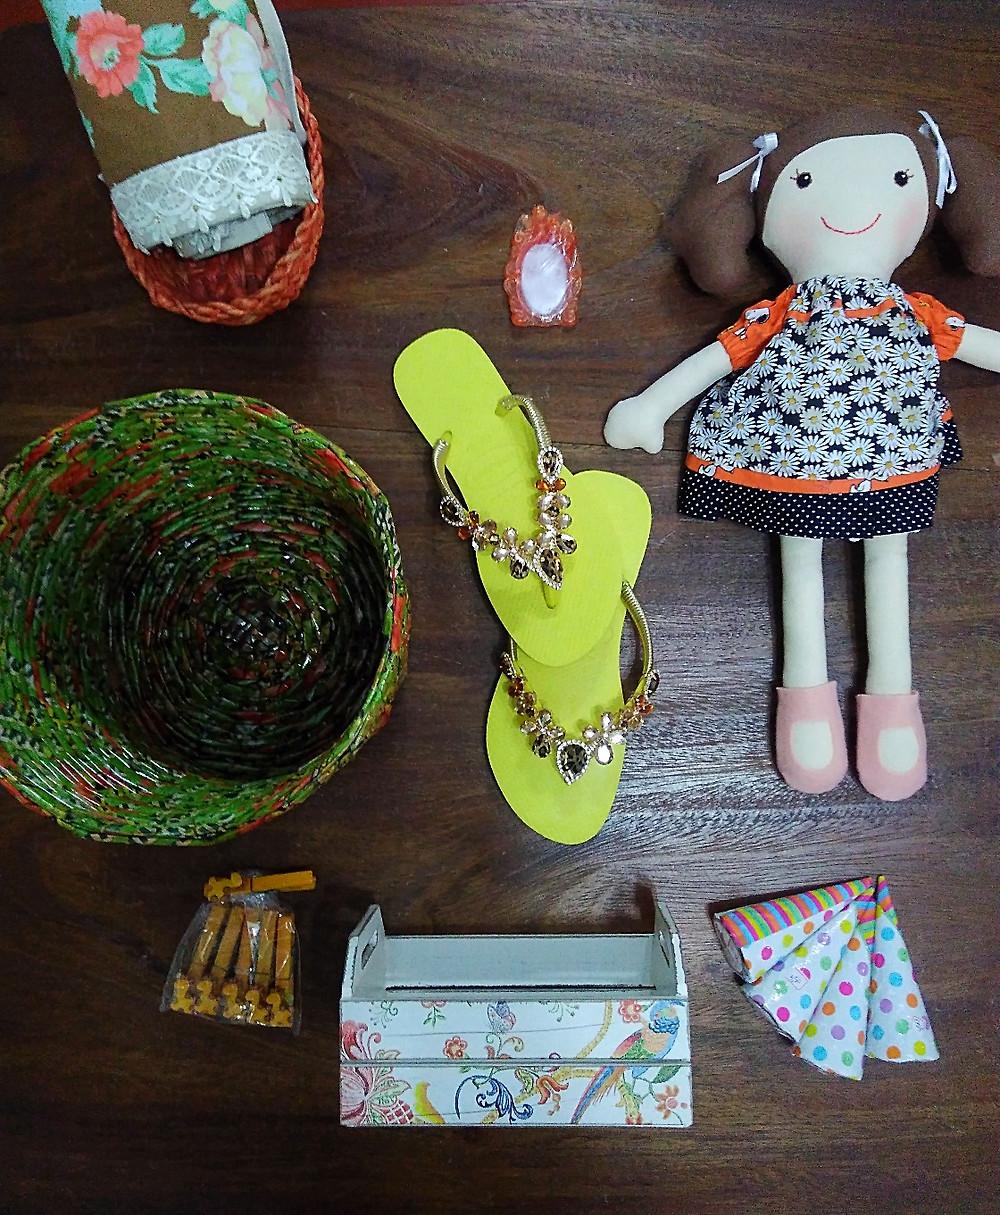 objetos na cor laranja 'a venda no espaço colaborativo Vila Montans